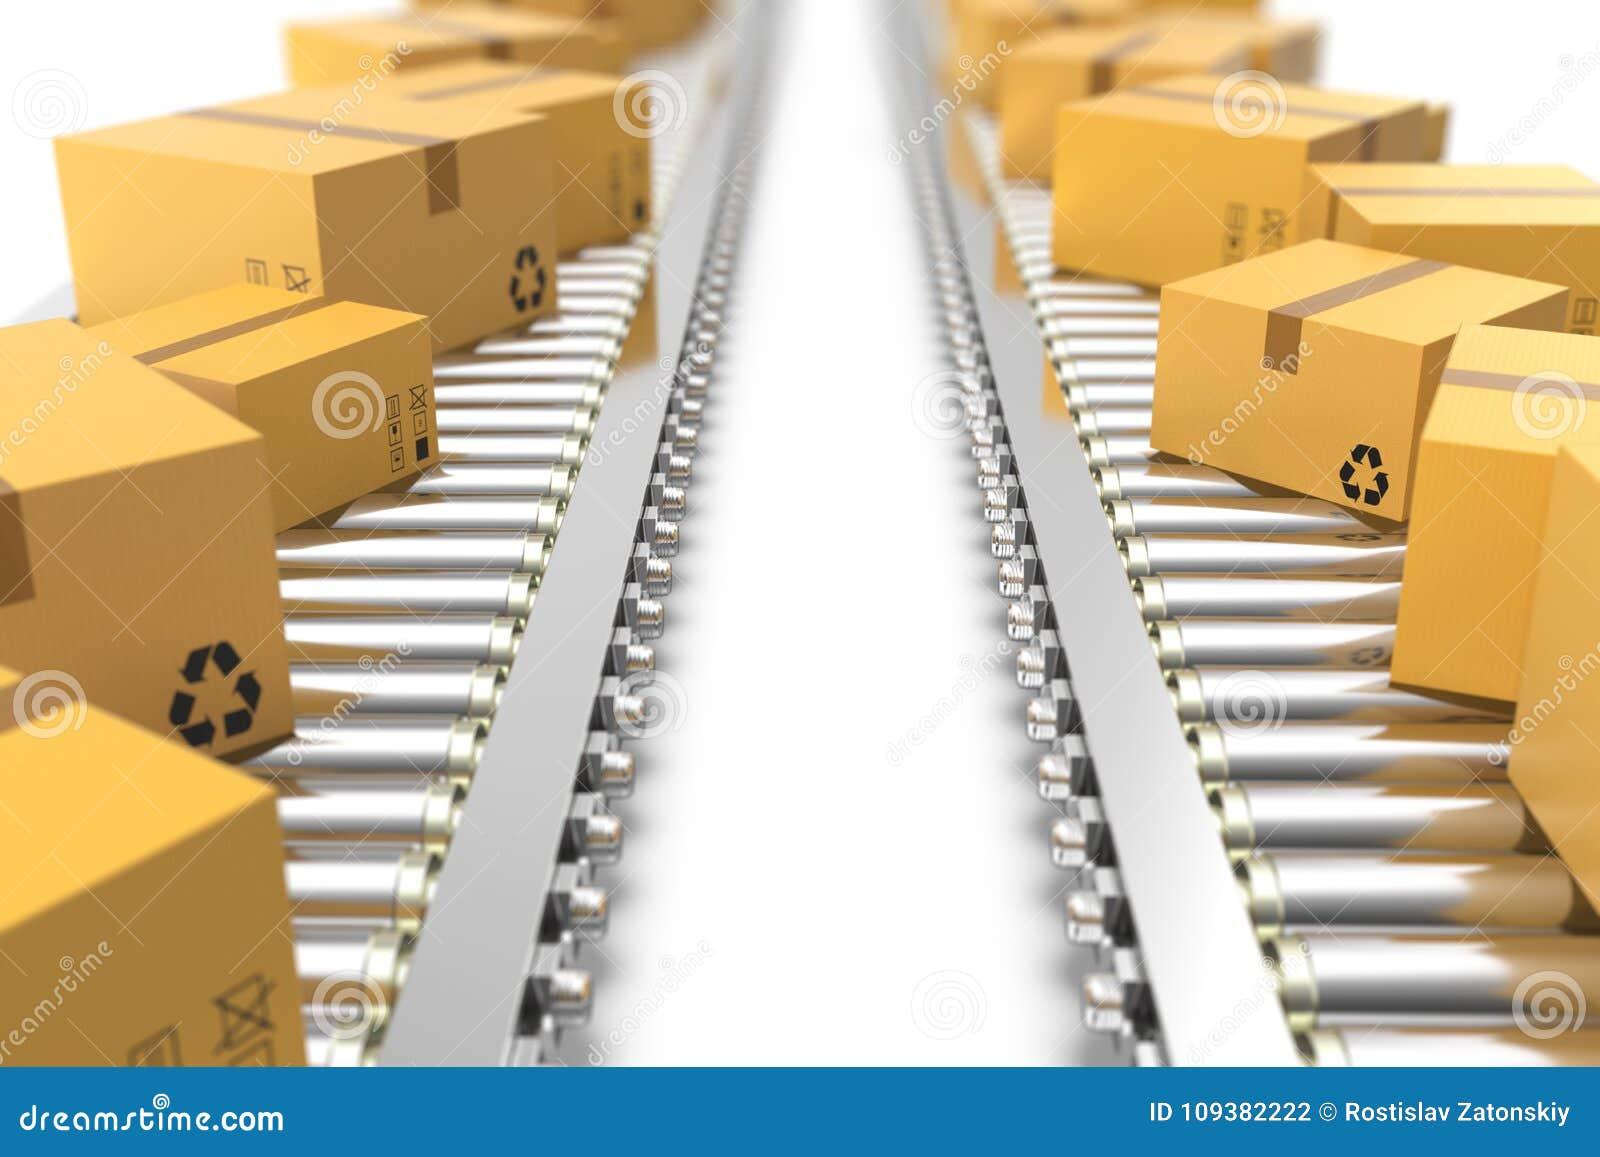 L illustration 3D empaquette la livraison, service d emballage et partage le concept de système de transport, boîtes en carton de